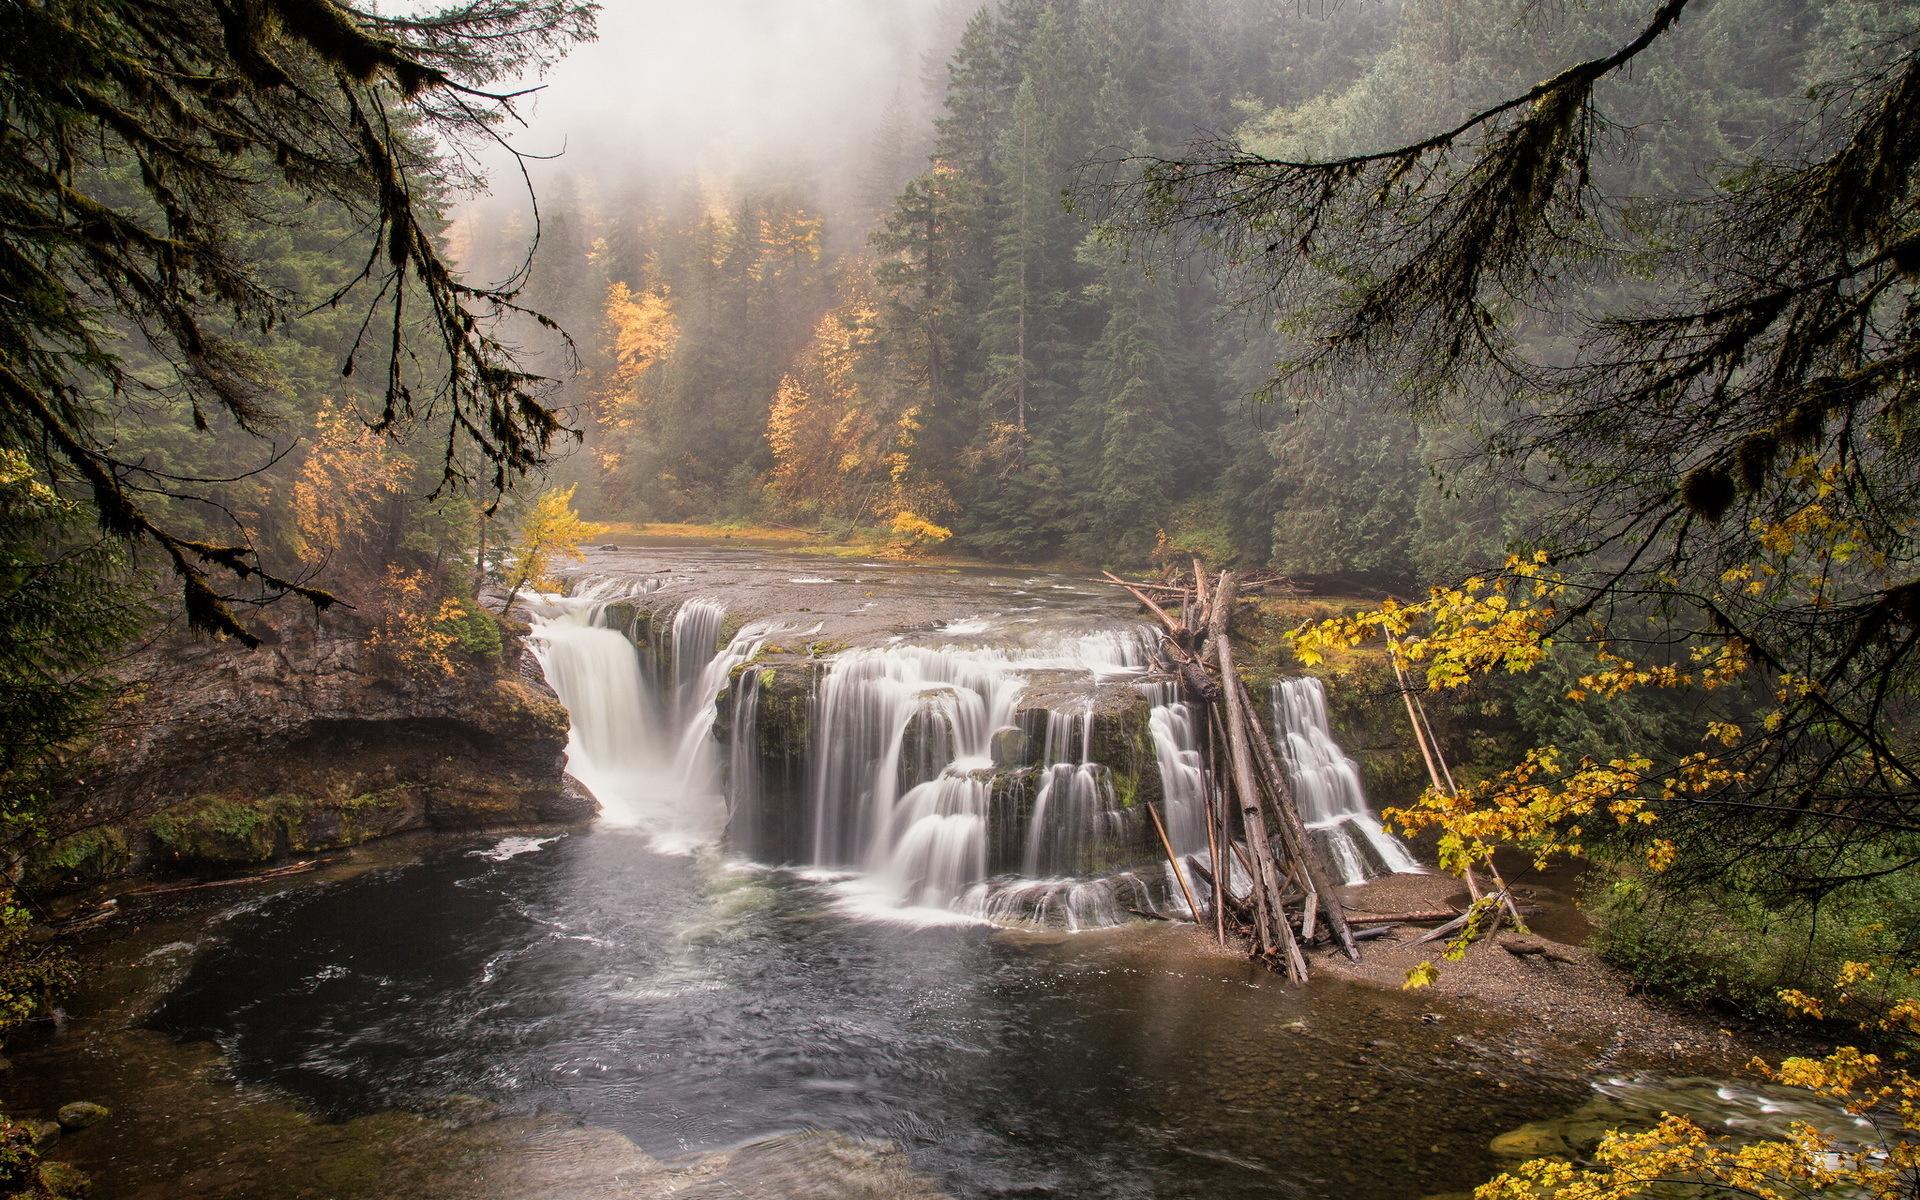 вашу картинки леса с водопадом земельный участок фундаментом